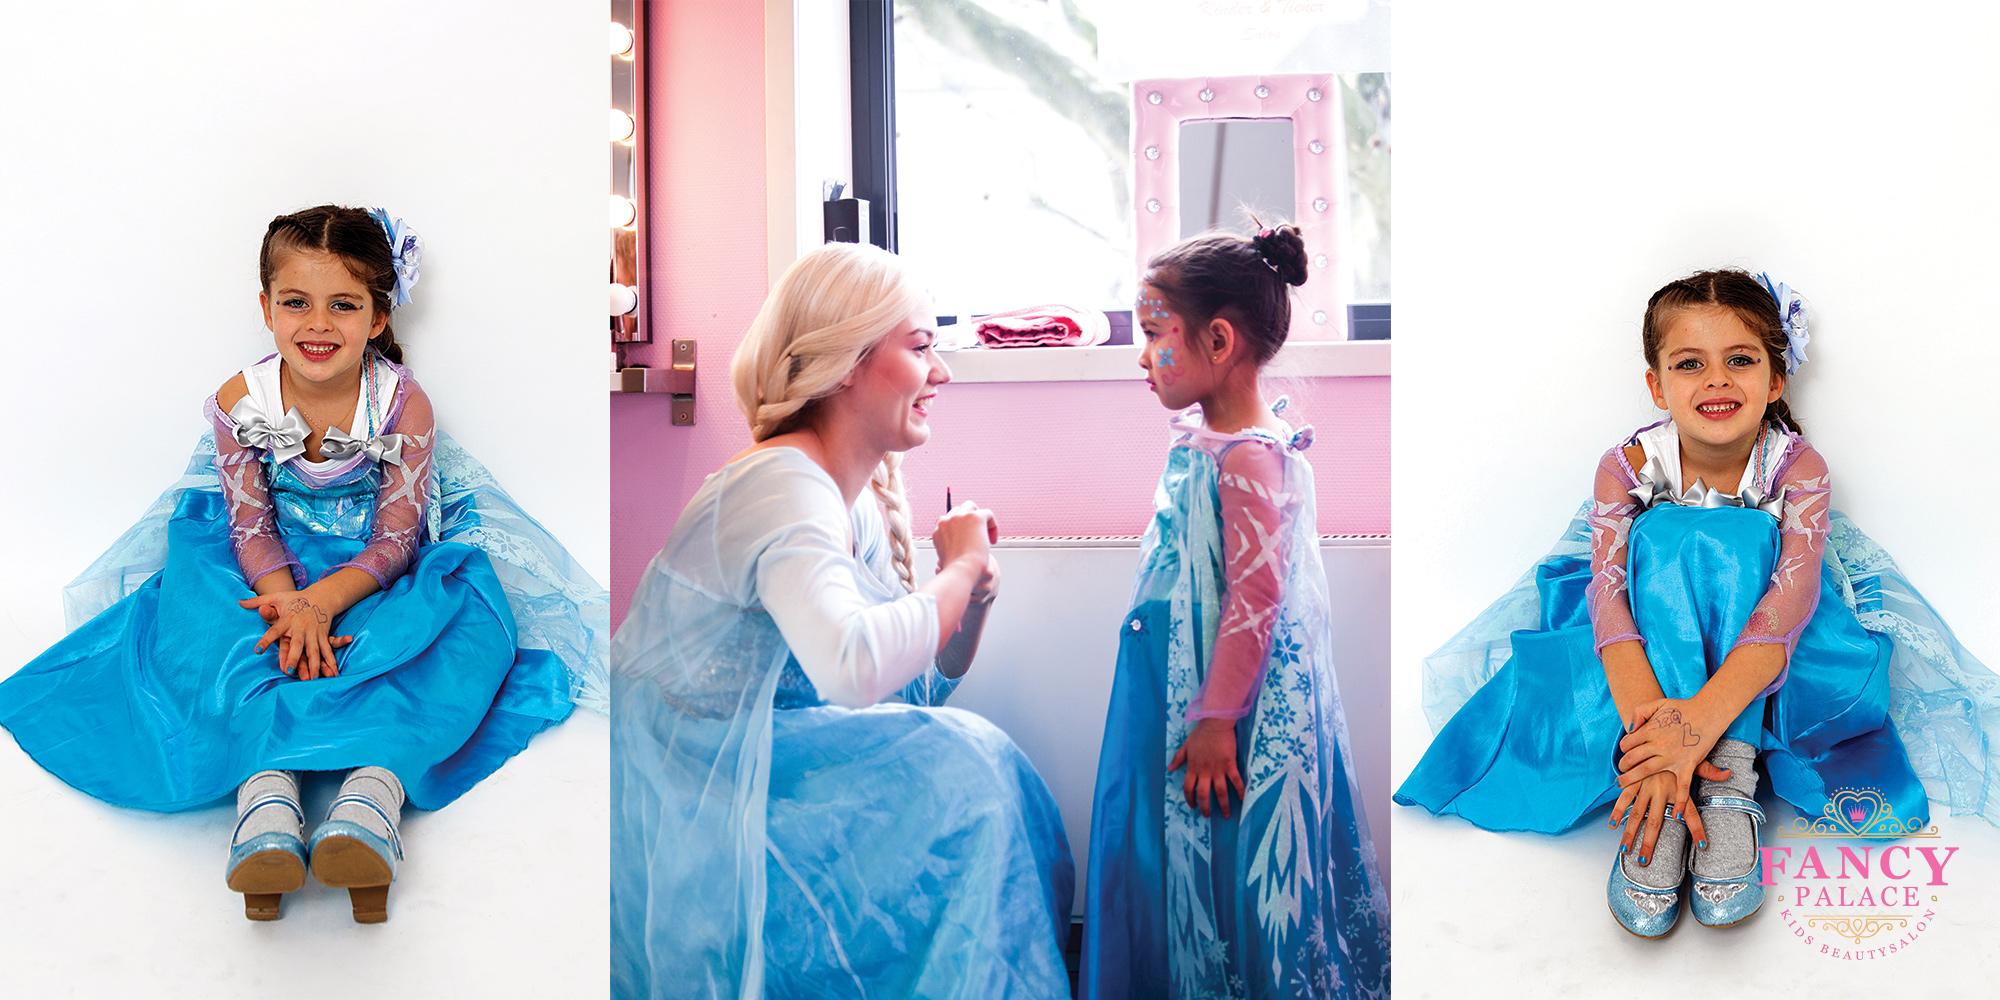 Fancy Palace Prinsessen feestje